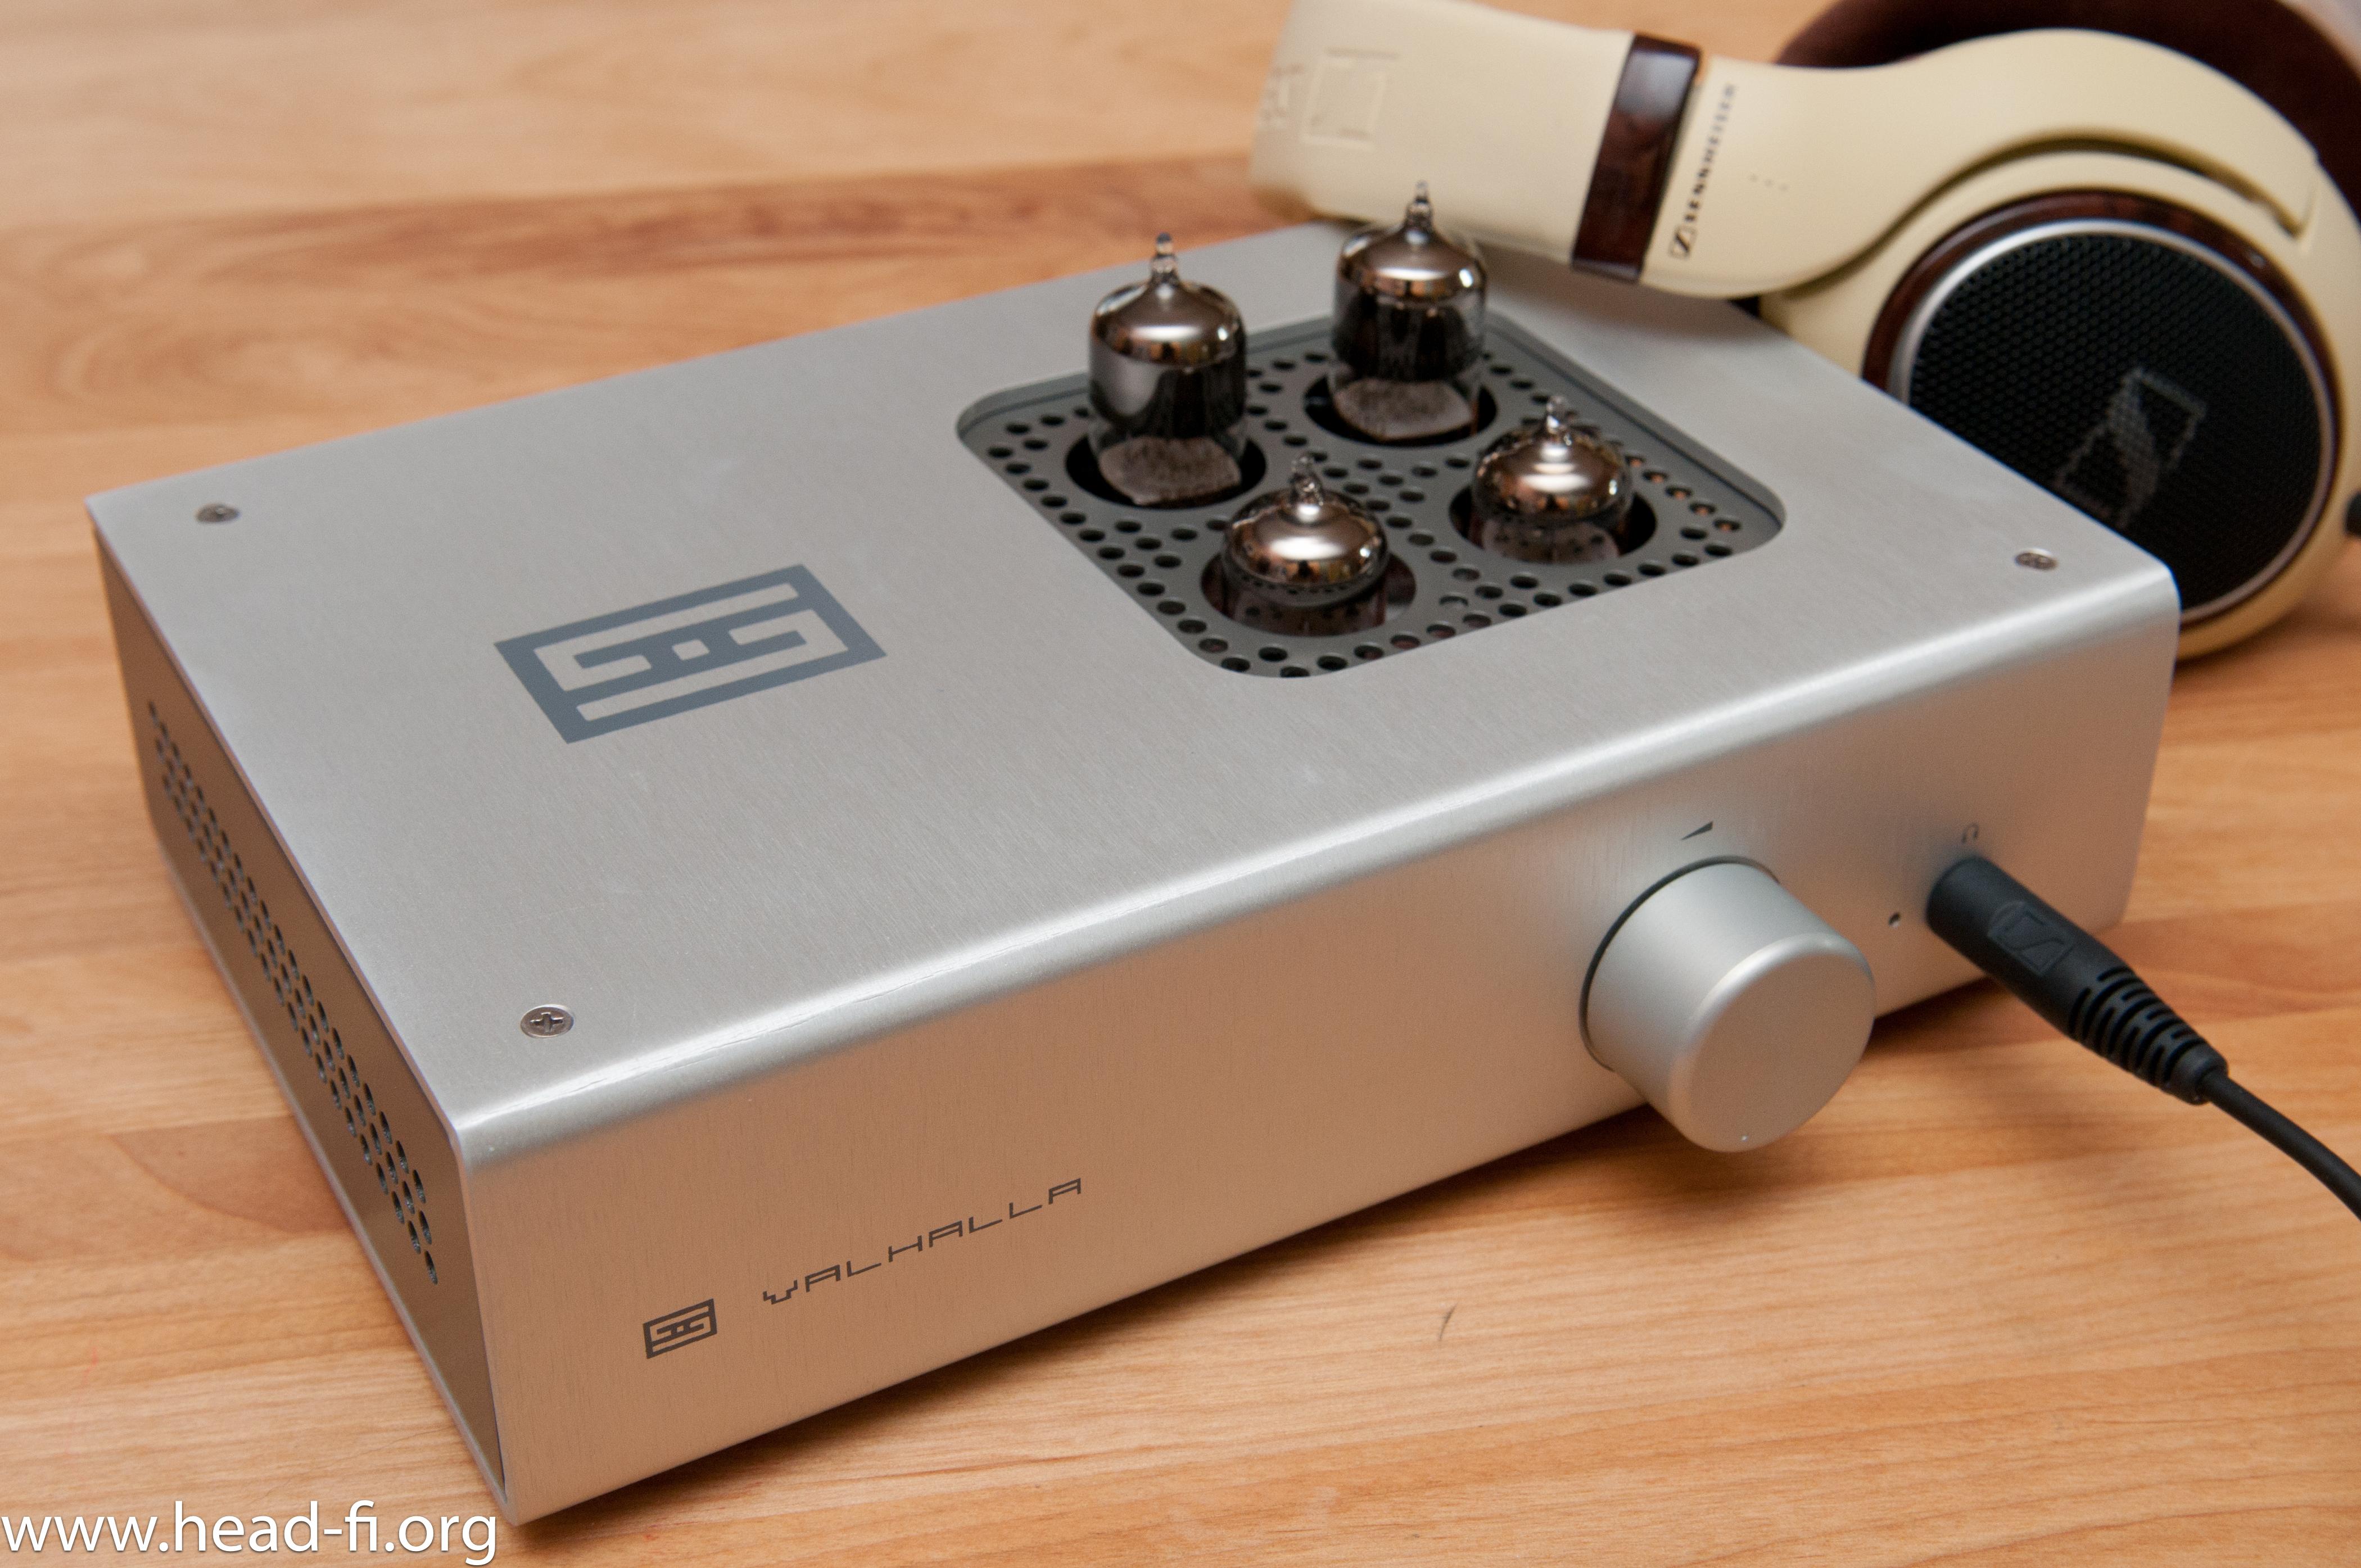 schiit audio valhalla and sennheiser hd 598s 4200 x 2790 designporn